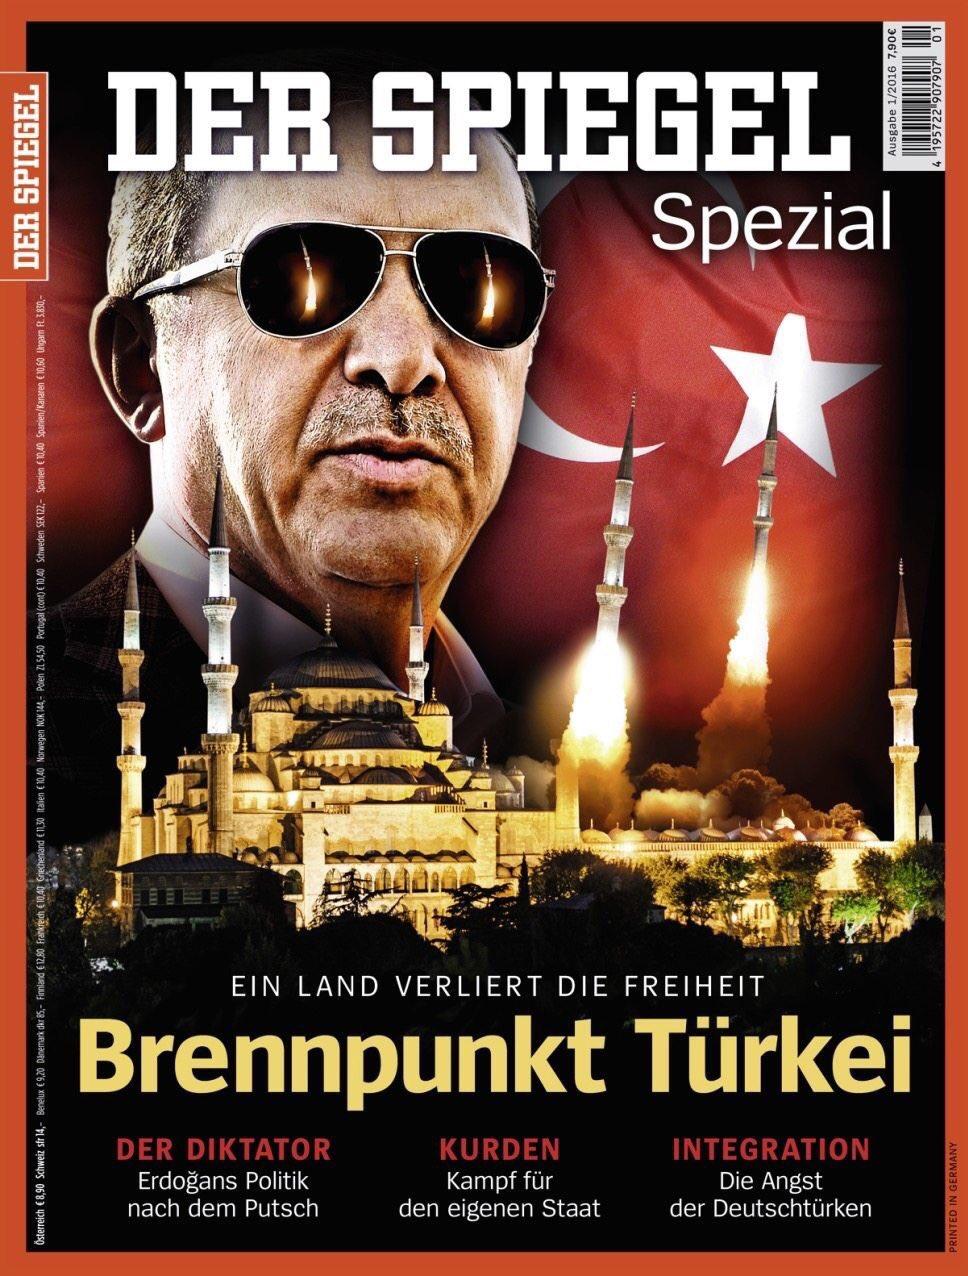 spiegel erdoğan